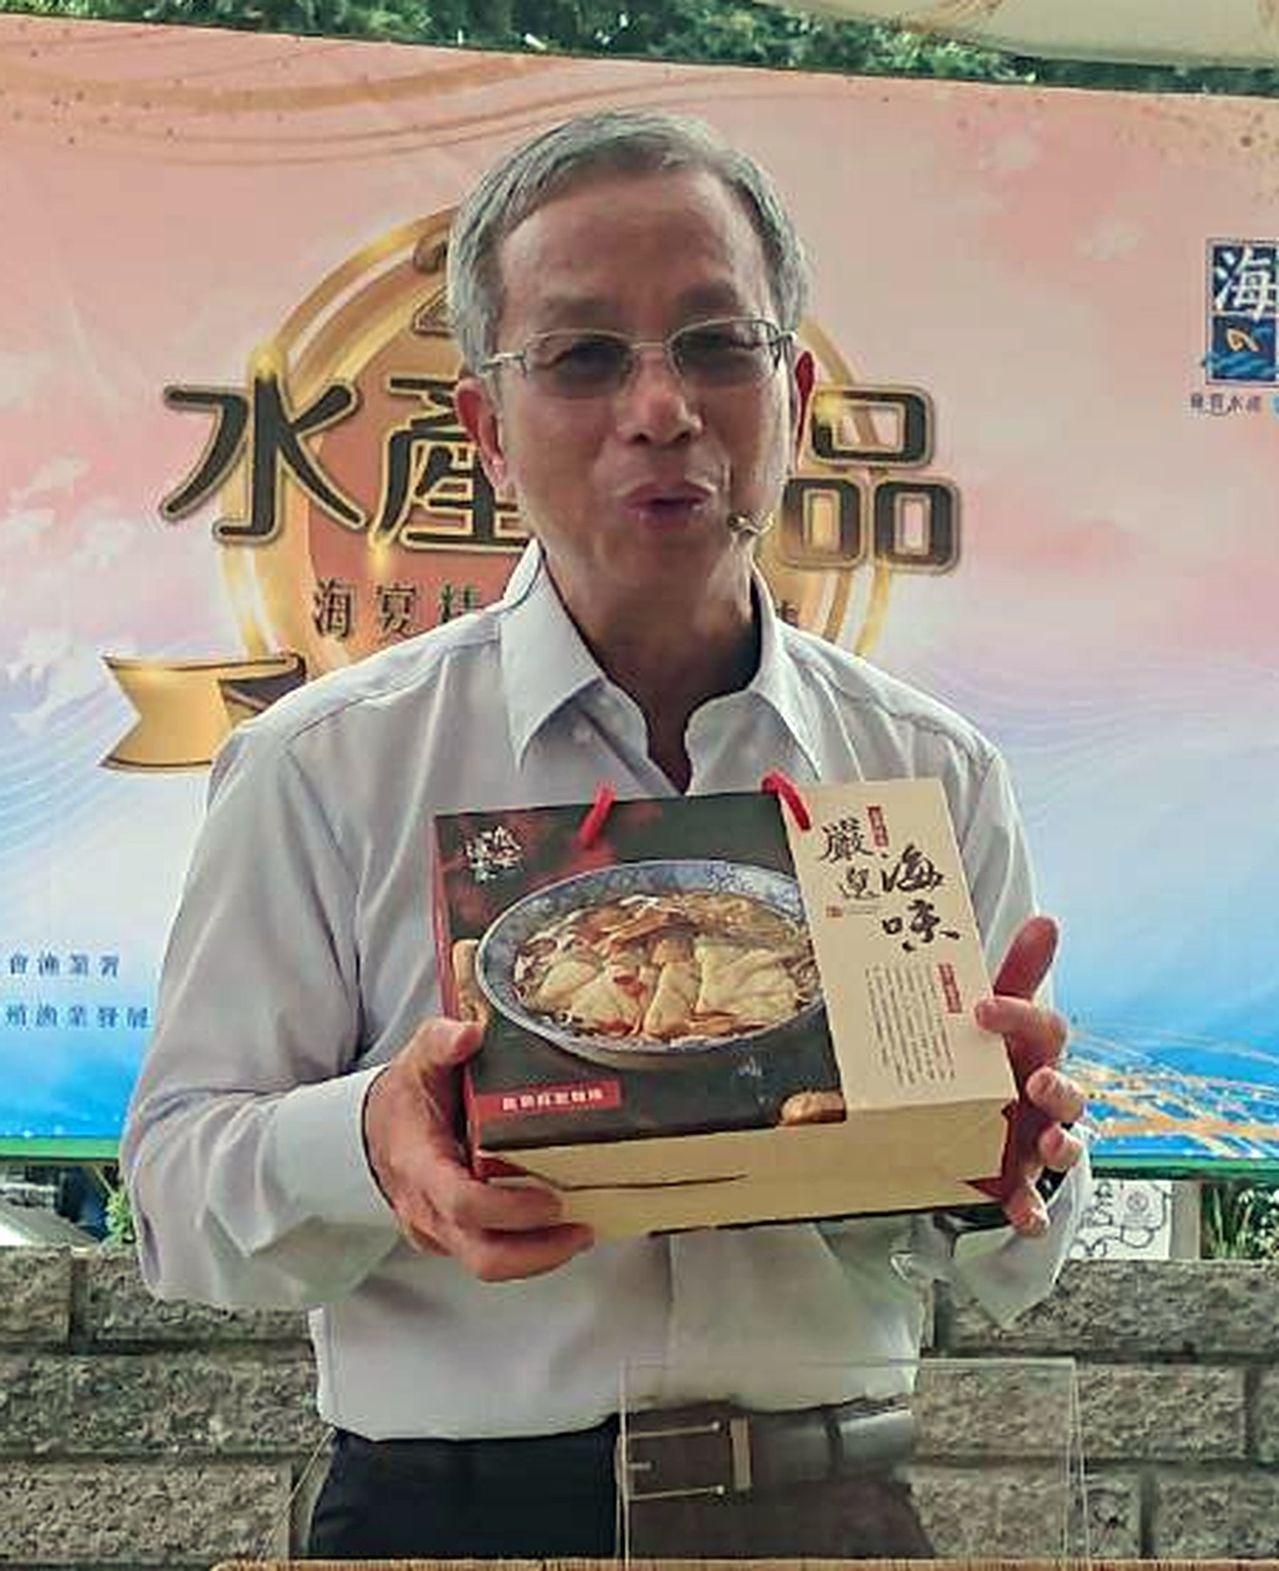 永安區渔會出品的「龍膽麻油麵線」禮盒,也是搶手的伴手禮。記者王昭月/翻攝